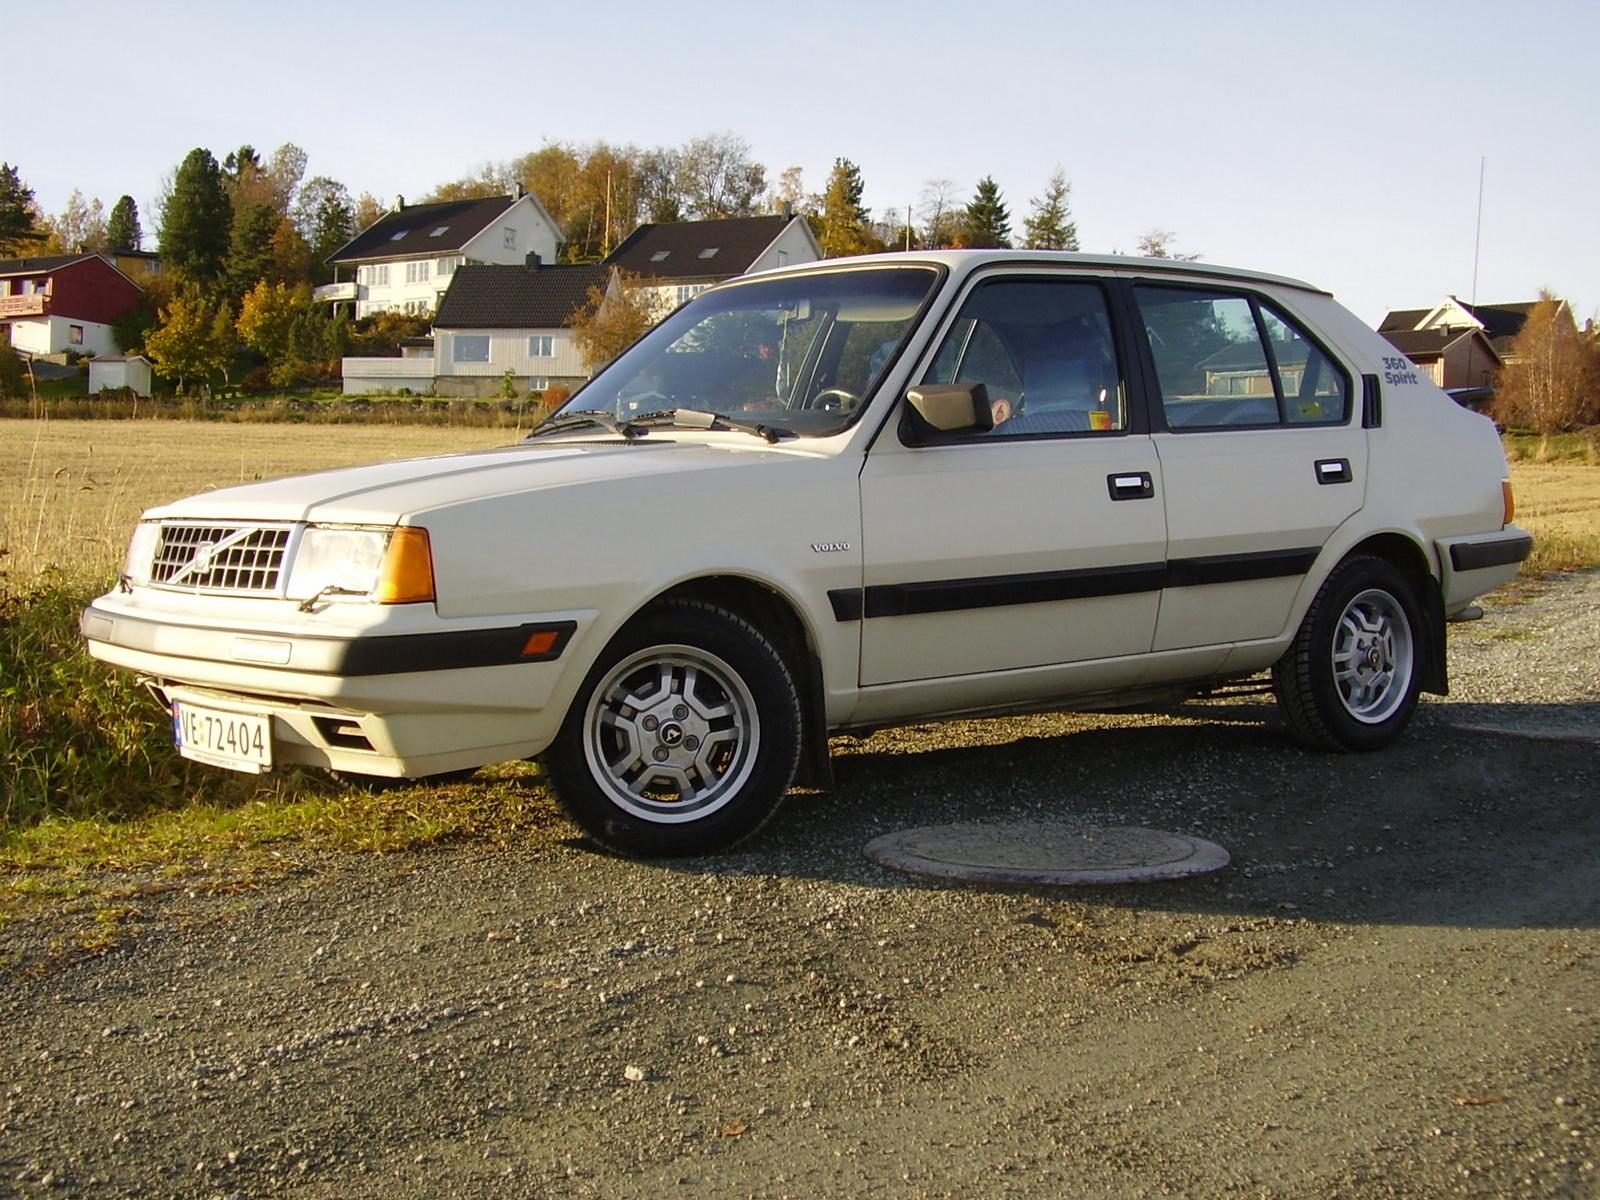 1988 Volvo 360 - Pictures - 1988 Volvo 360 picture - CarGurus